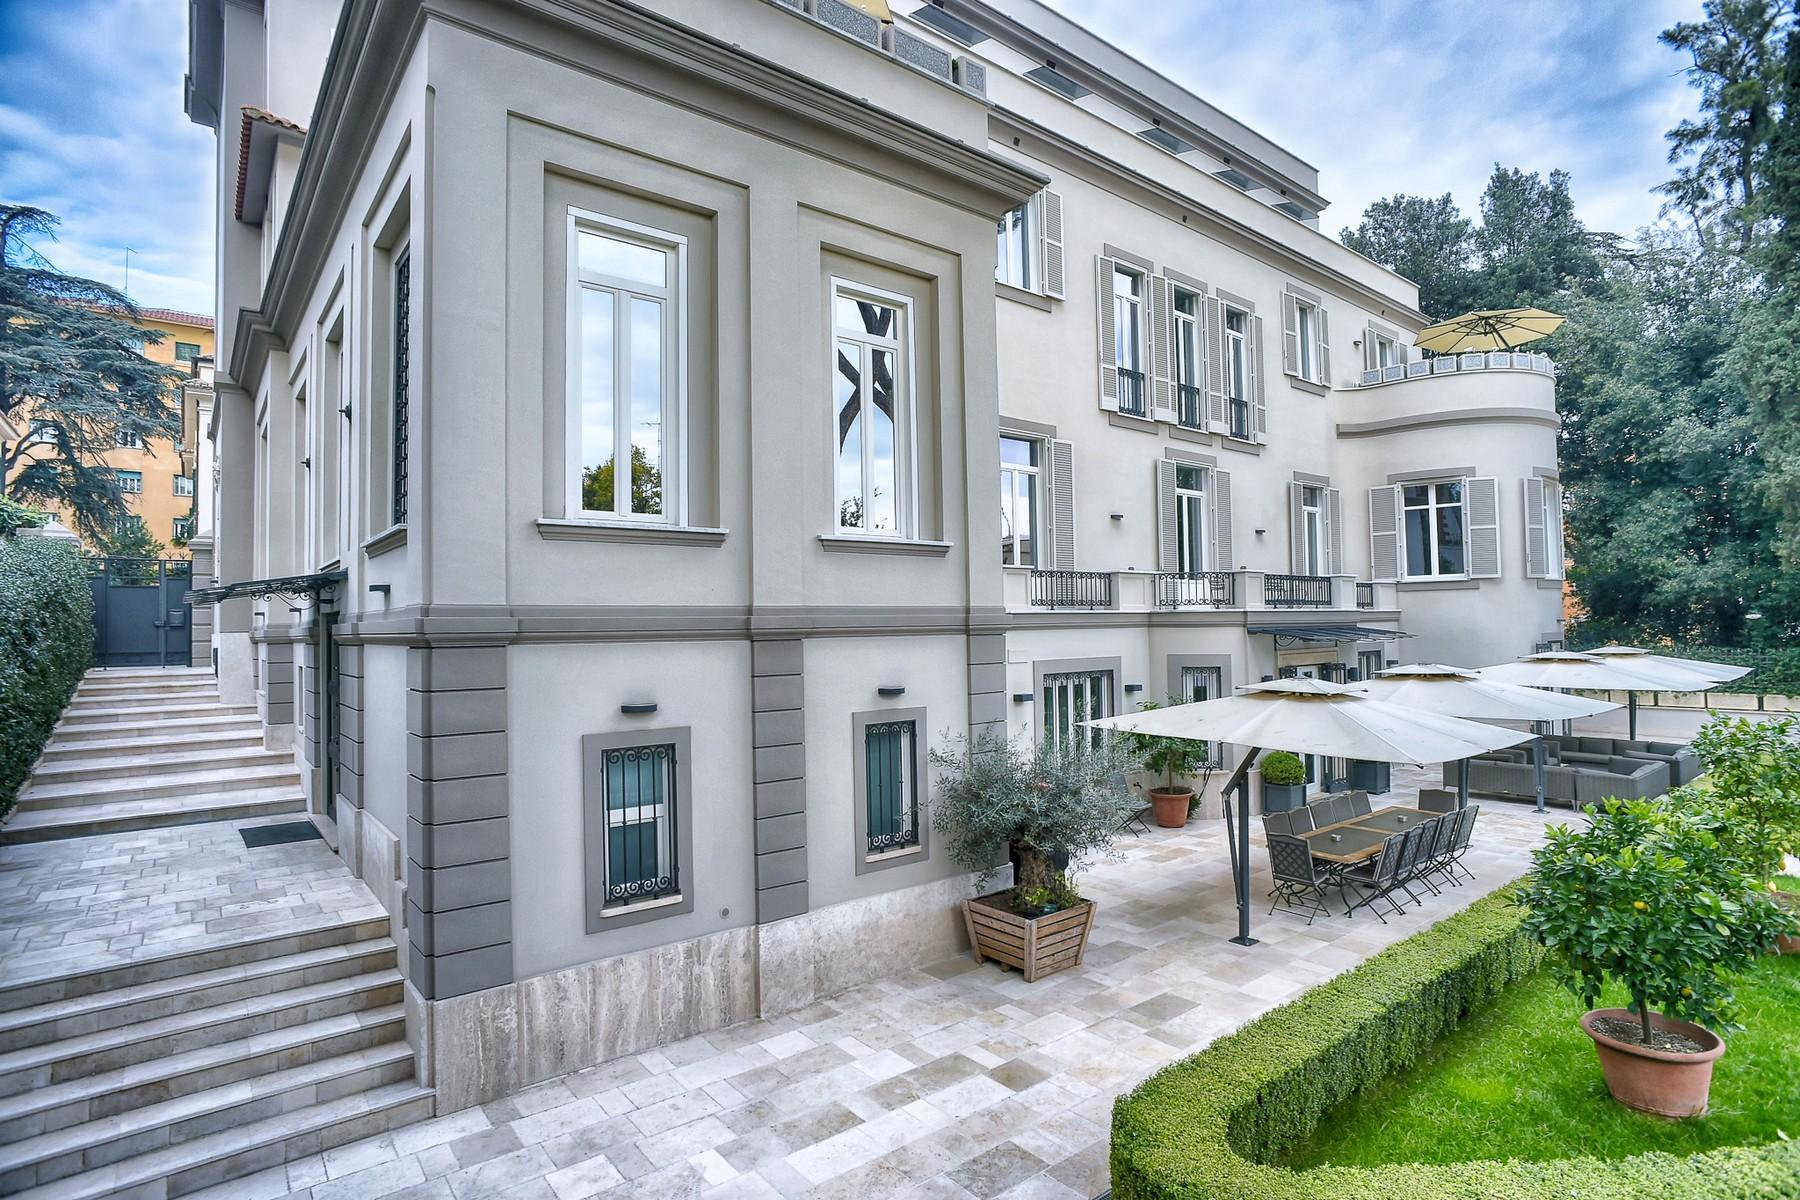 Villa Calandrelli, fascino e stile nel cuore verde di Roma - 4